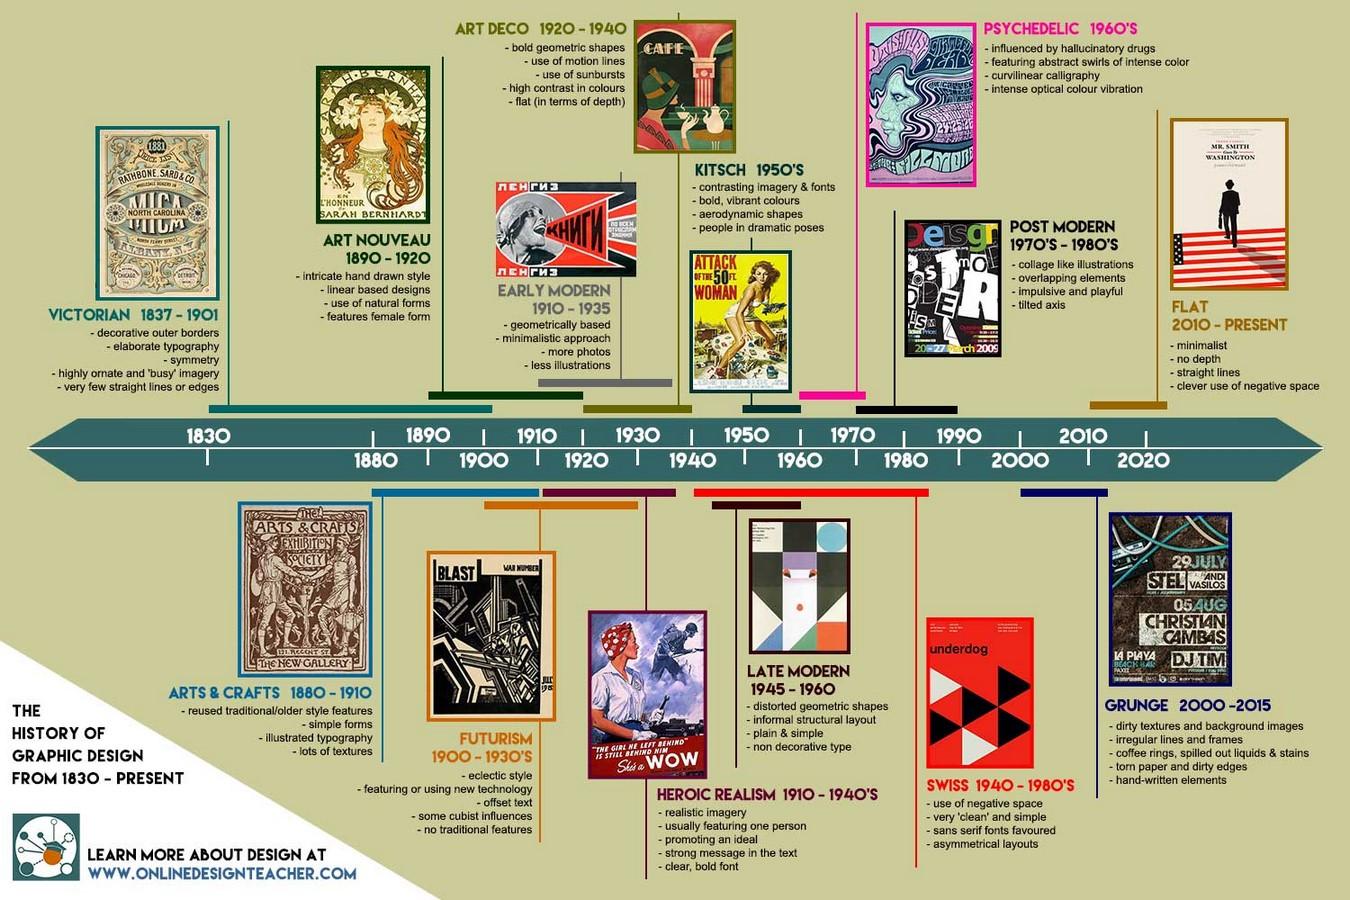 Timeline of Graphic Design - Sheet2